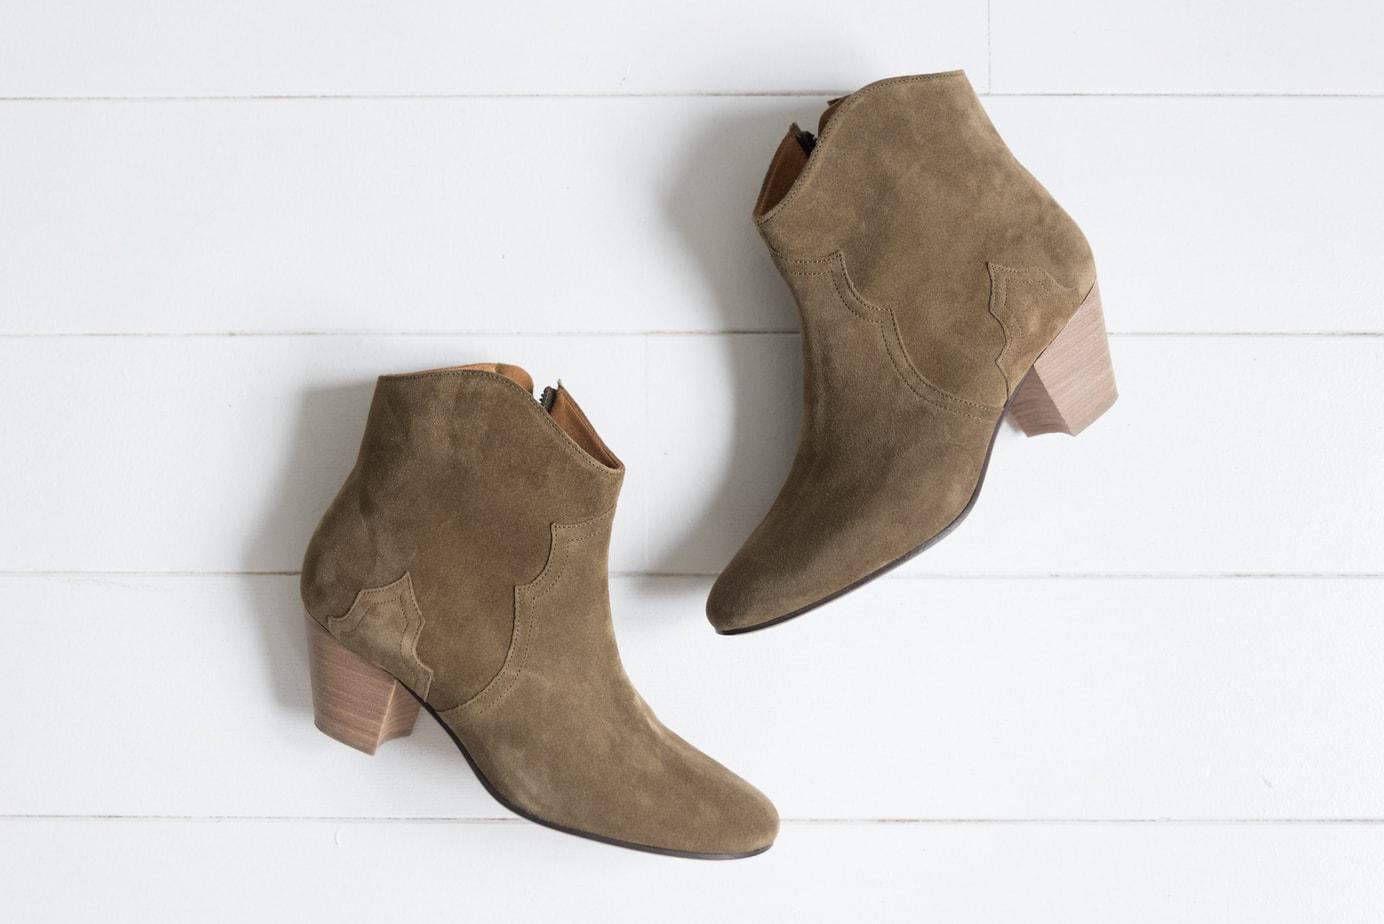 Les boots Dickers d\u0027Isabel Marant sont pour moi les boots idéales. J\u0027en ai  rêvé si longtemps ! Elles sont tellement parfaites qu\u0027elles m\u0027ont tapé dans